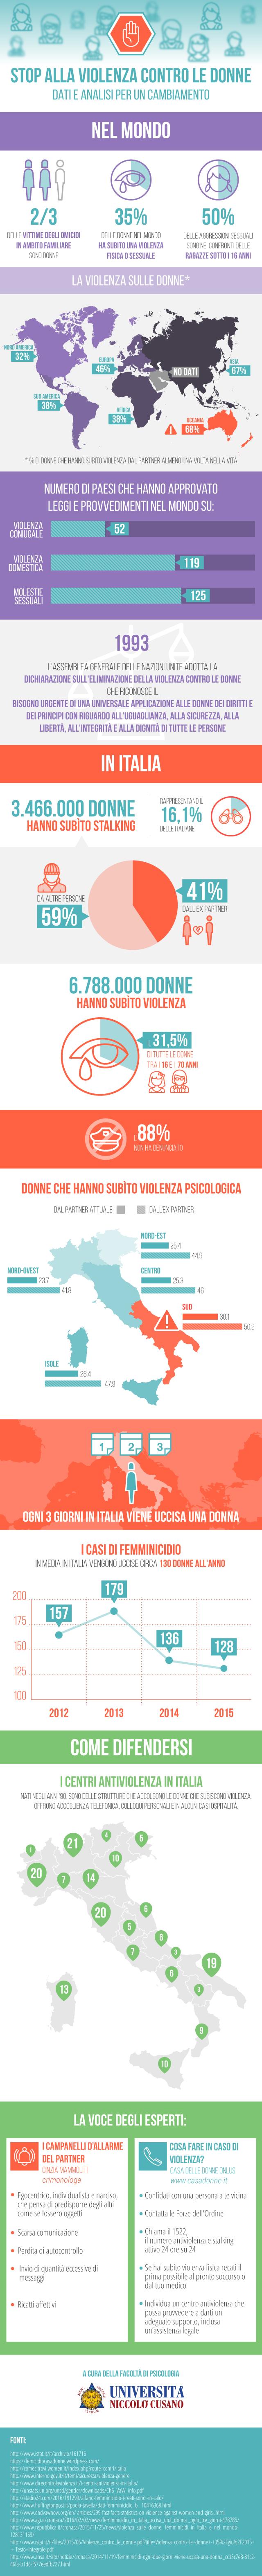 Infografica_femminicidio_1407 (1)